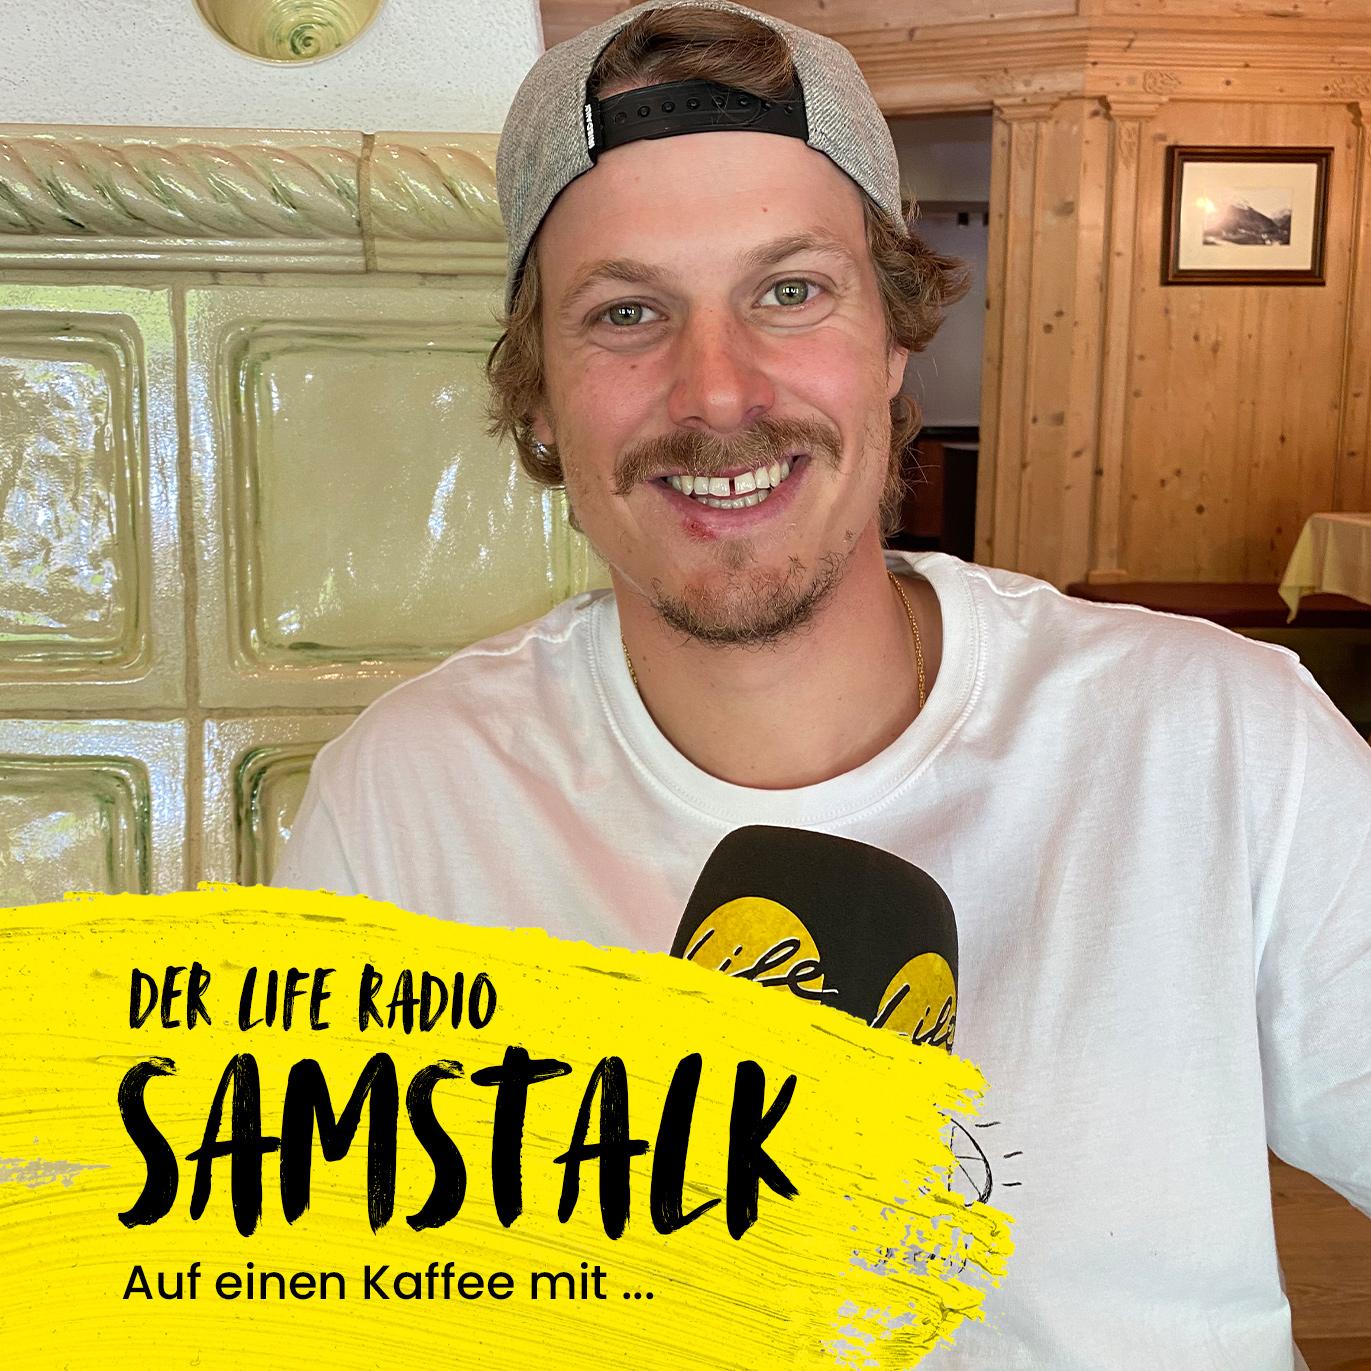 Auf einen Kaffee mit dem Skistar Manuel Feller